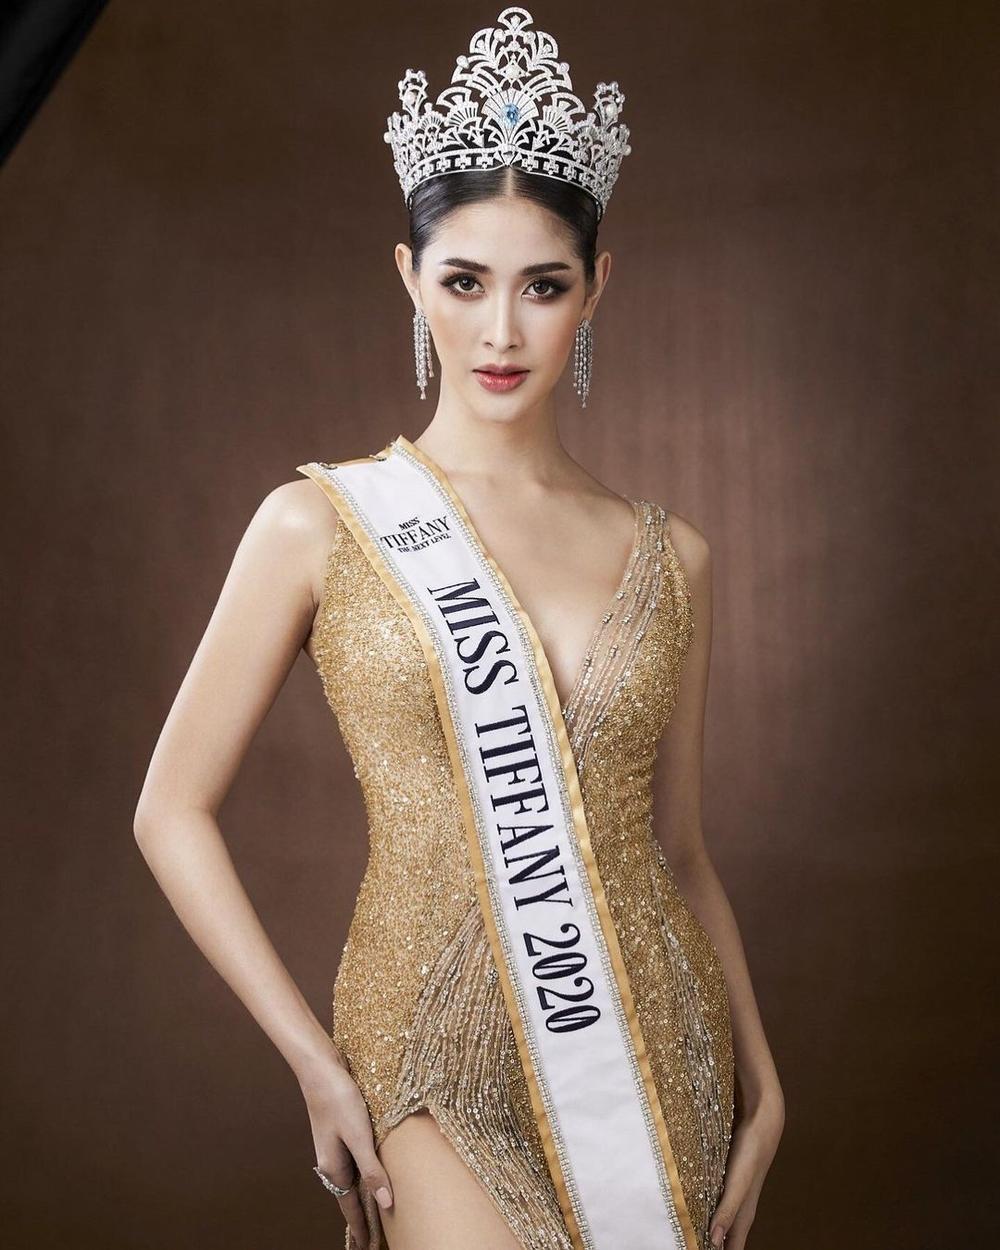 12 thí sinh đầu tiên dự thi Miss International Queen 2021: Trân Đài 'kèn cựa' mỹ nhân Thái Lan Ảnh 11